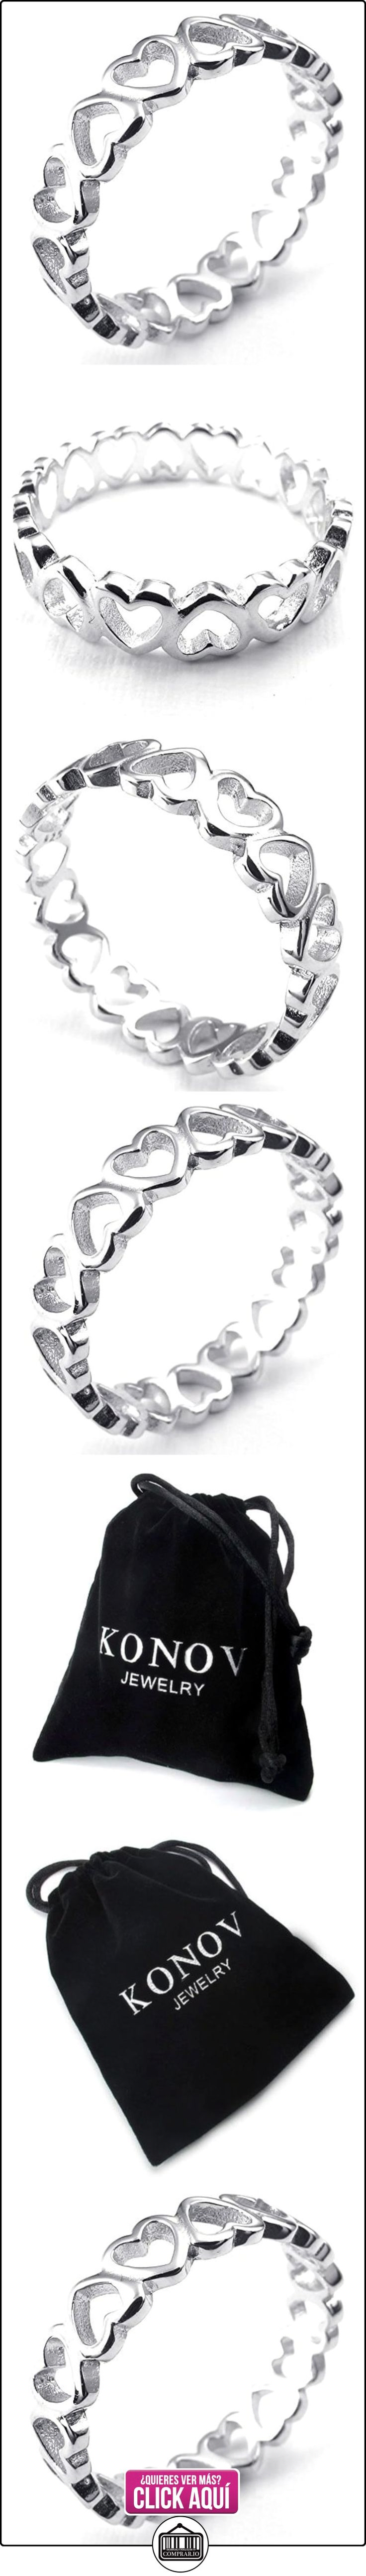 KONOV Joyería Anillo de mujer, Amor Corazón, Plata de ley 925, Color plata - Talla 12 (con bolsa de regalo)  ✿ Joyas para mujer - Las mejores ofertas ✿ ▬► Ver oferta: http://comprar.io/goto/B00TH3IQO8